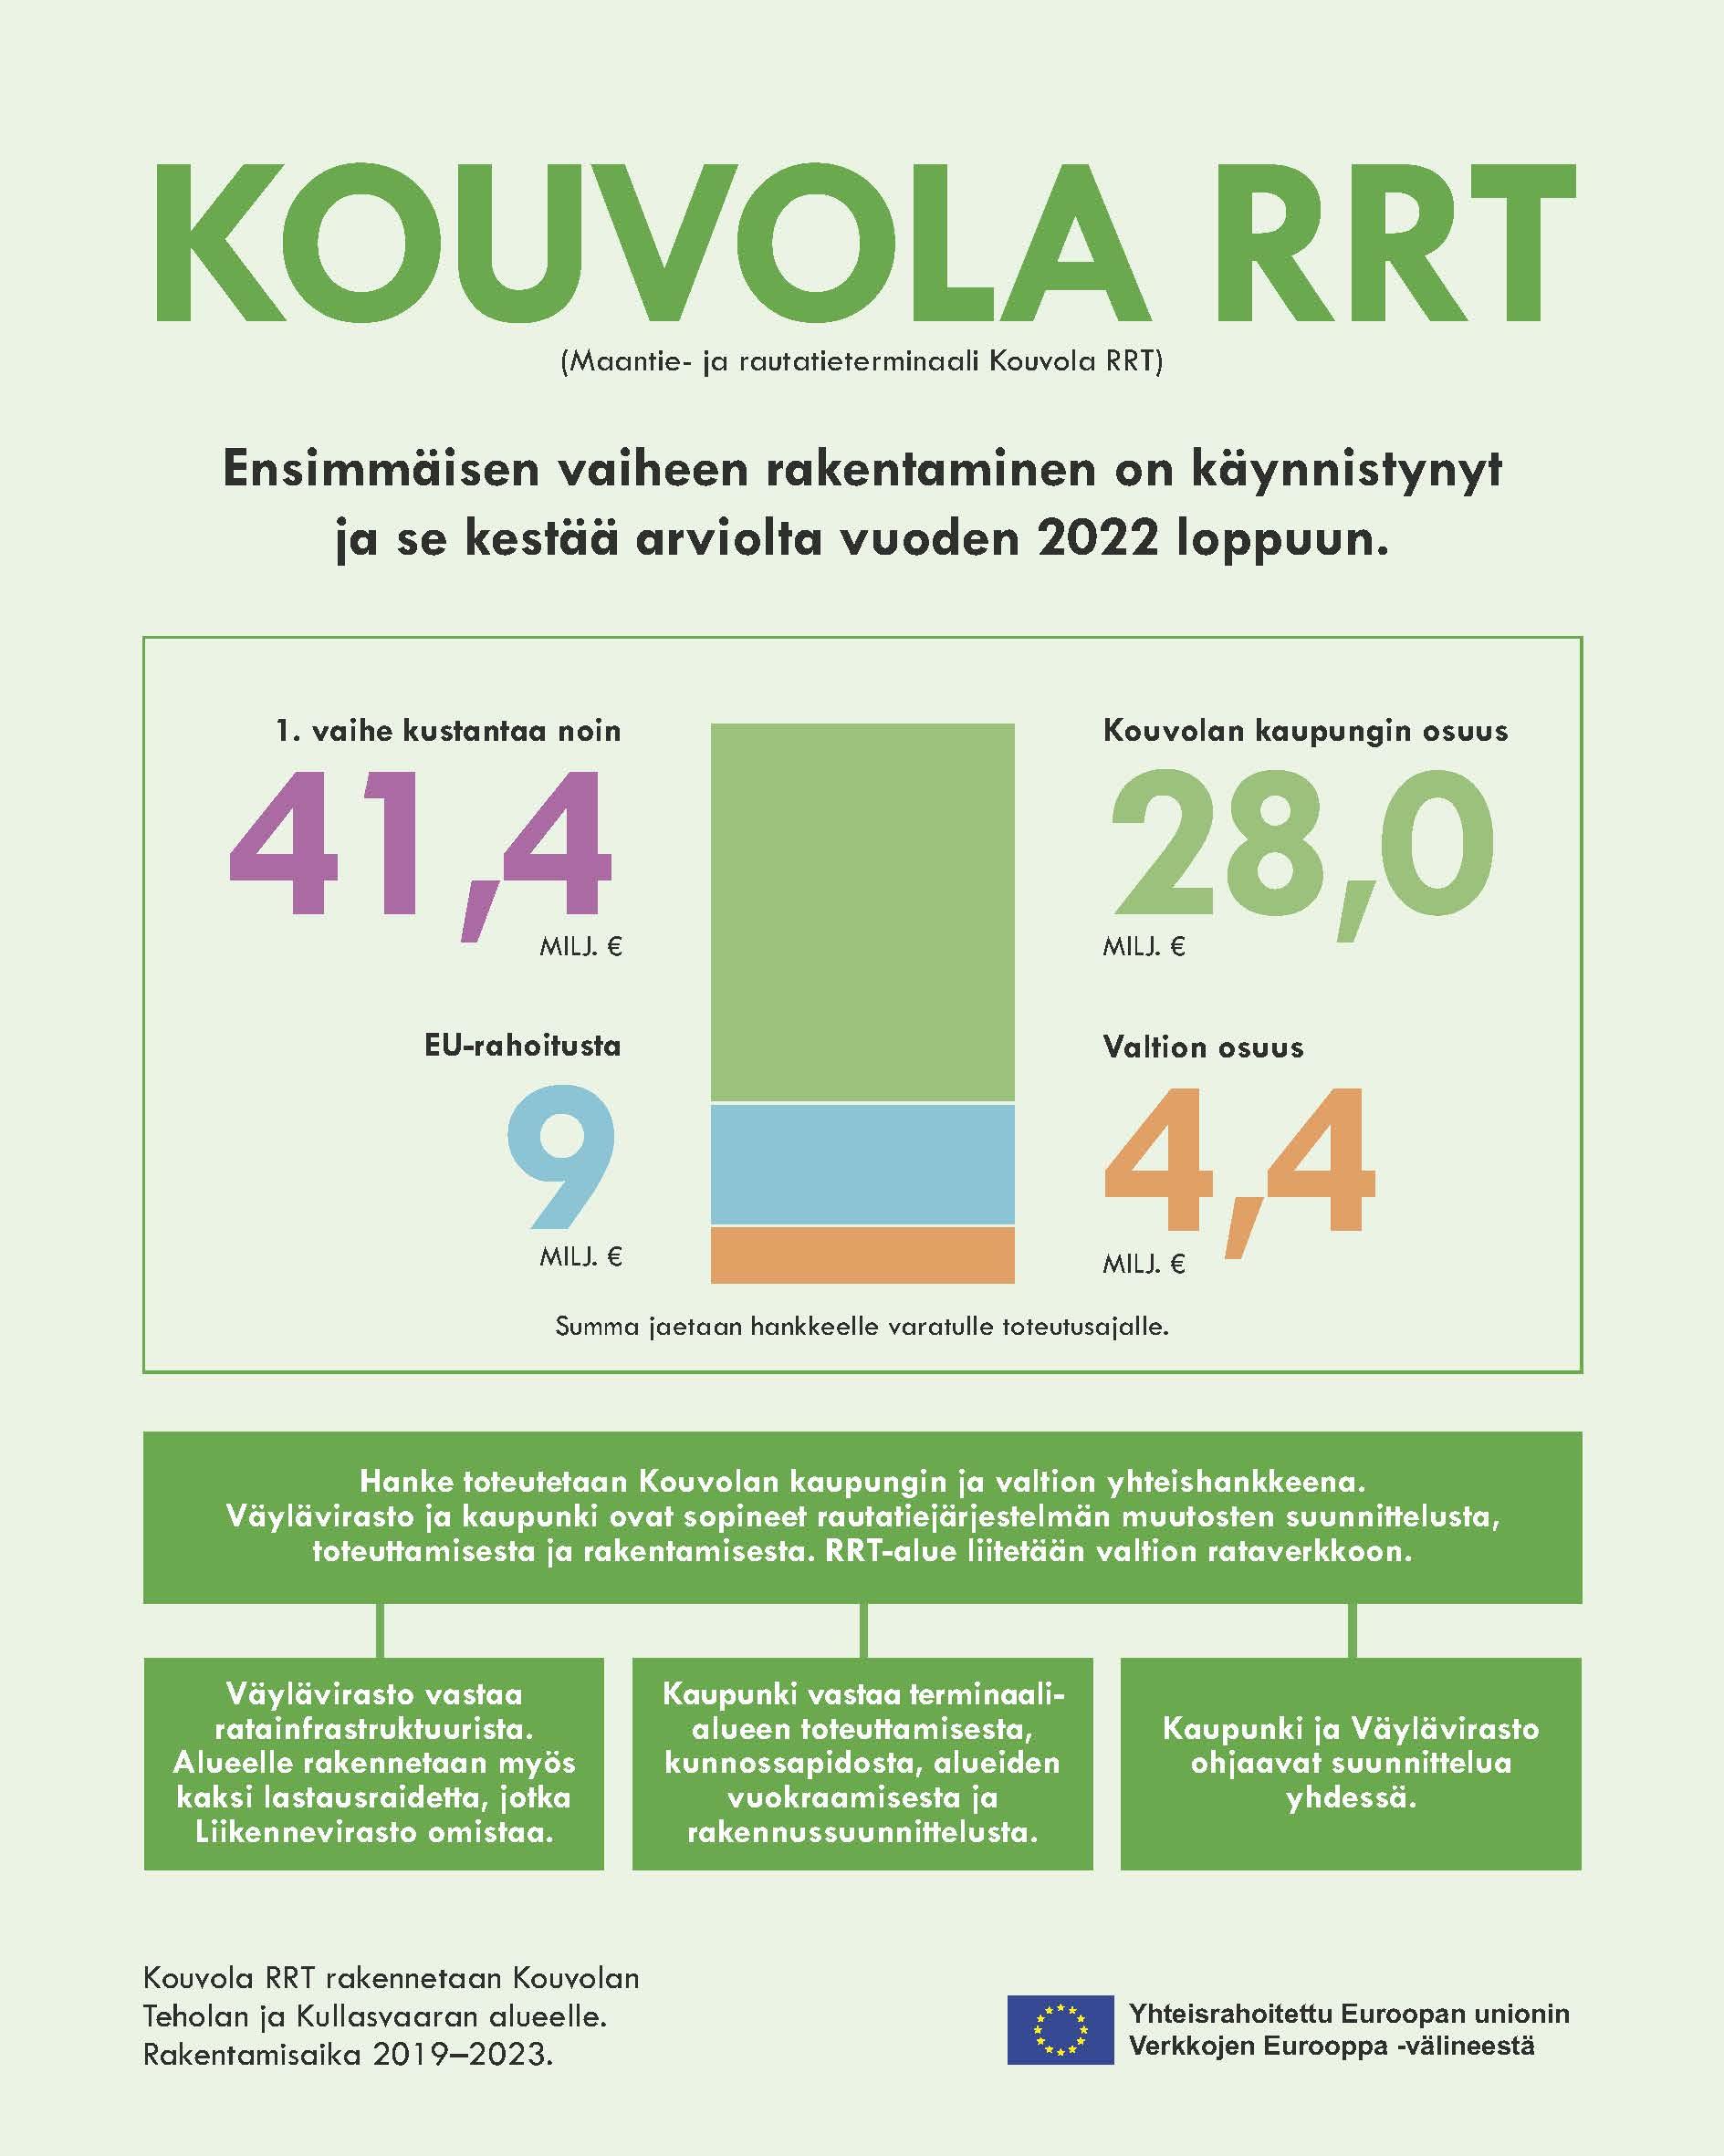 Kouvolan kaupungin osuus RR-terminaalin kokonaiskuluista on noin 28 M€. Hankkeelle on saatu EU:n rahoitusta yhdeksän miljoonaa euroa. Suomen valtio osallistuu hankkeeseen 4,4 miljoonalla eurolla.